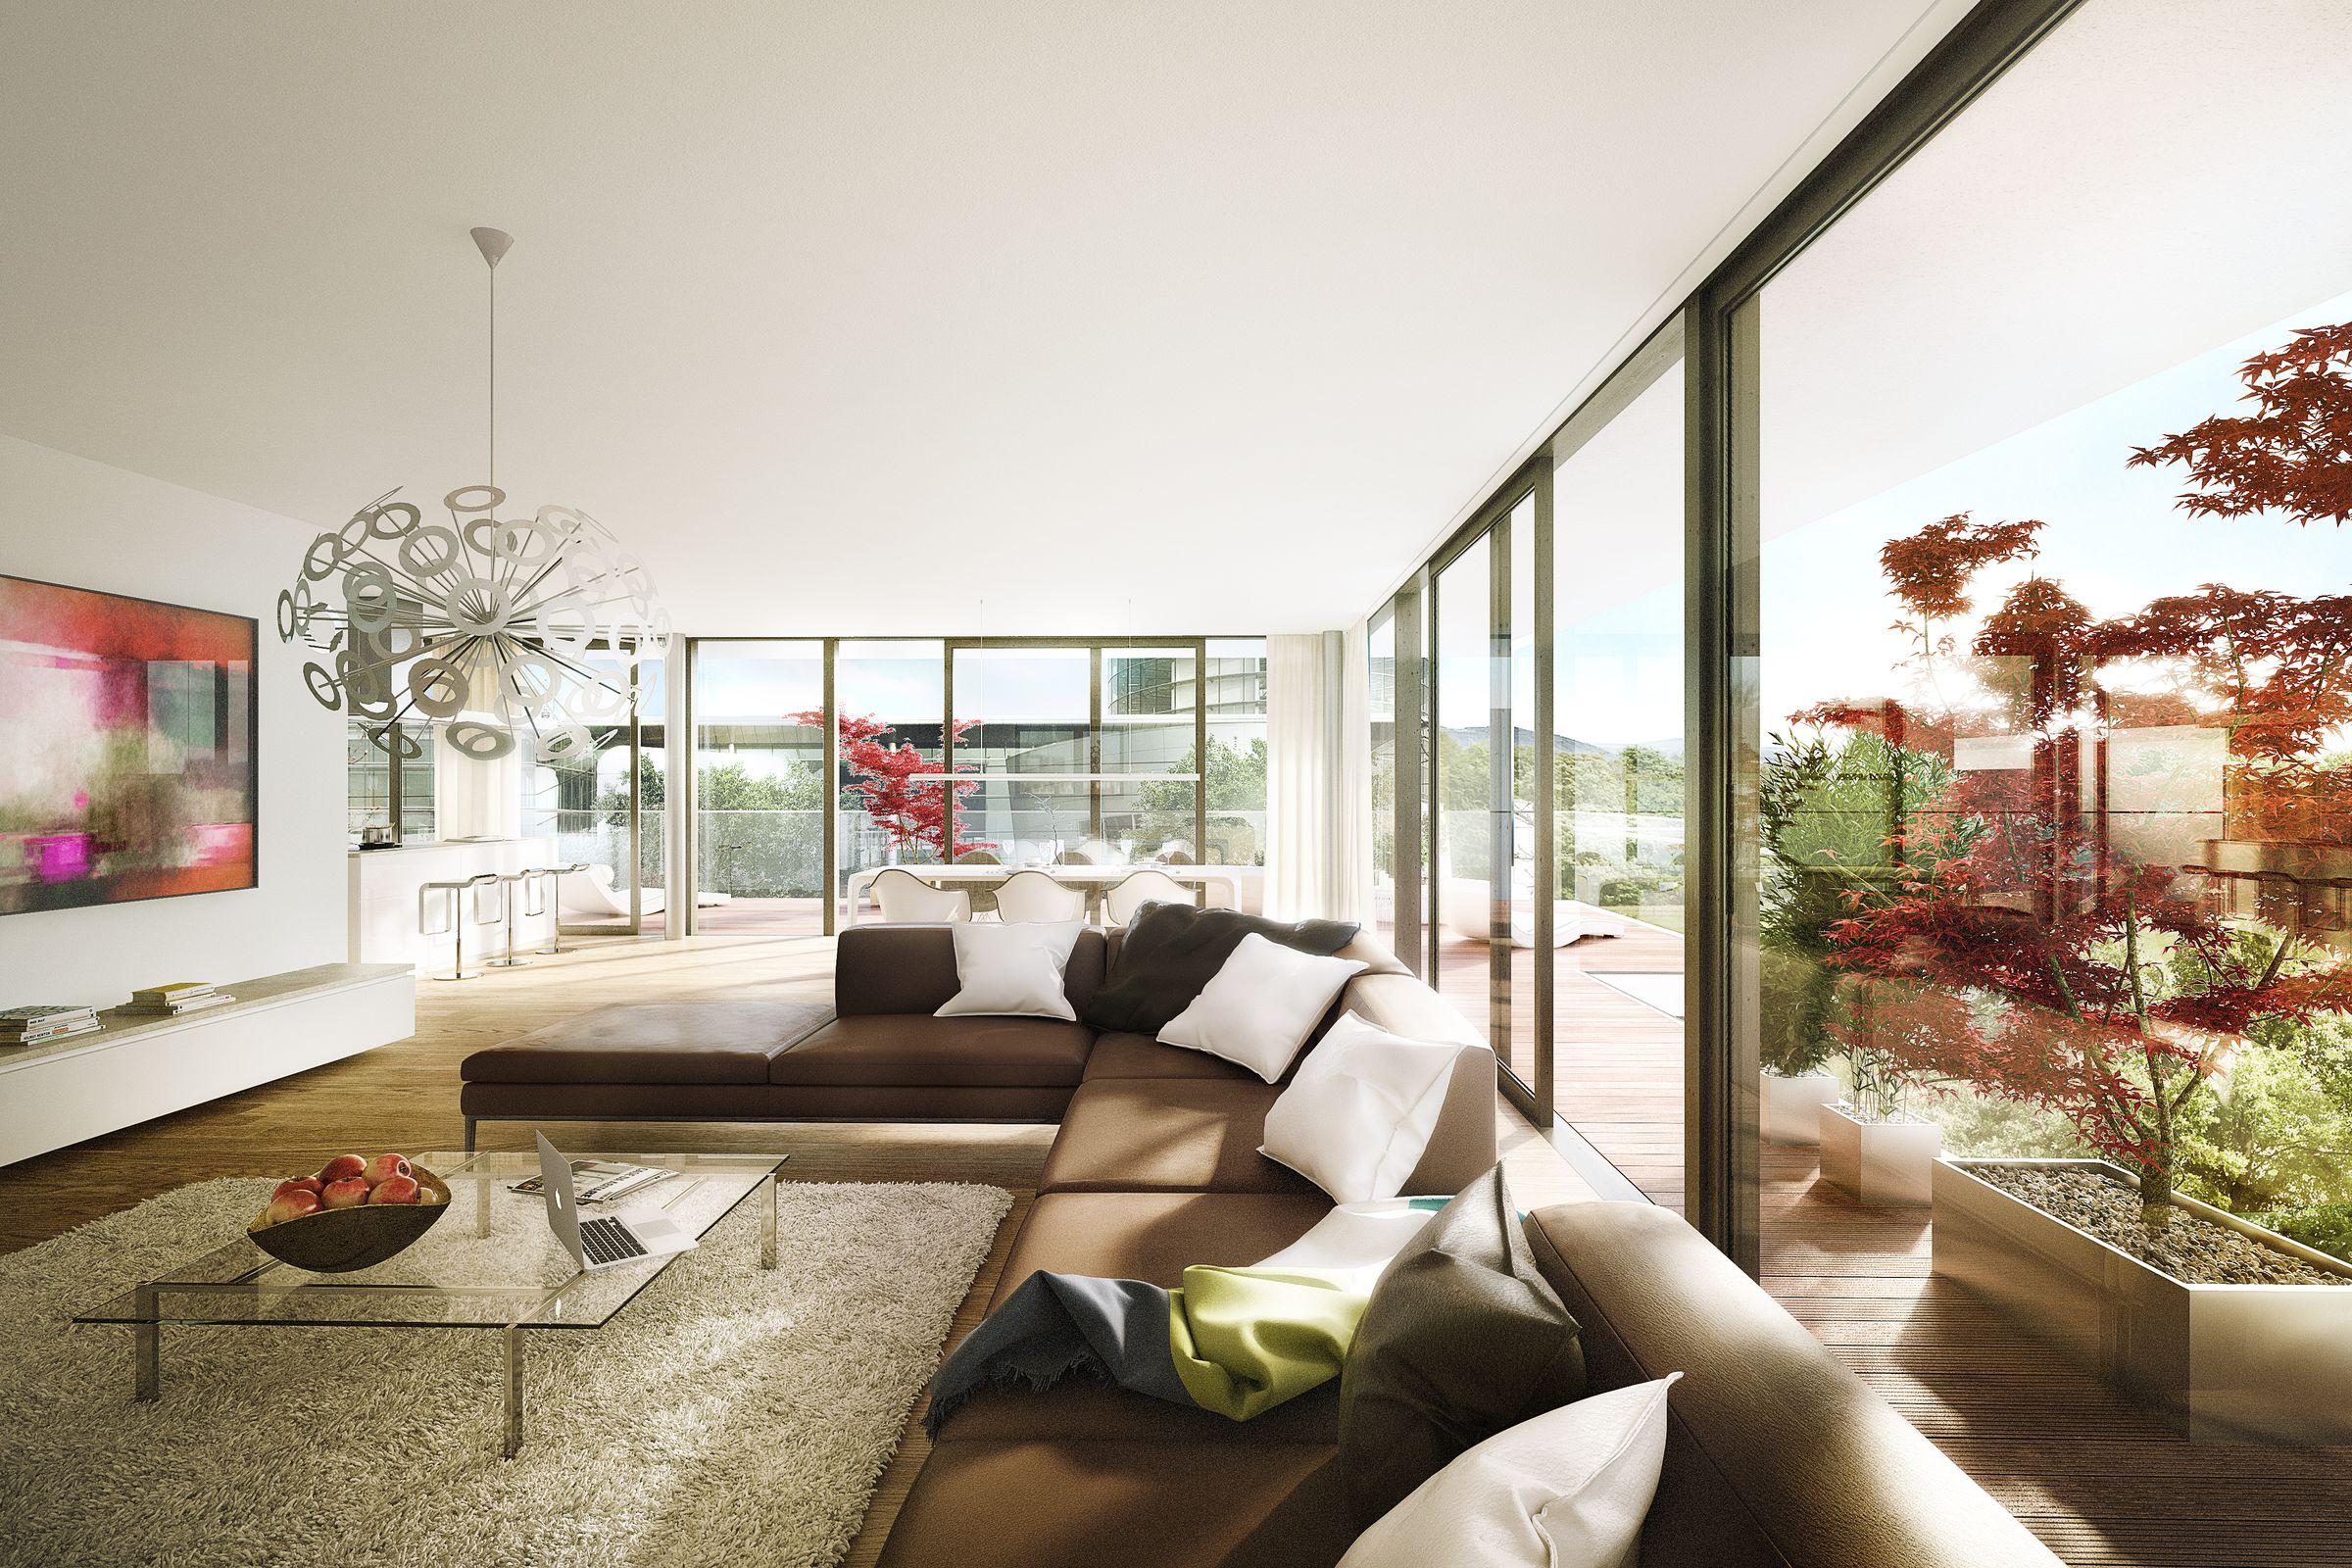 Pohl_Pohl_Architekten_Lennestrasse_1_Penthouse_160526_01